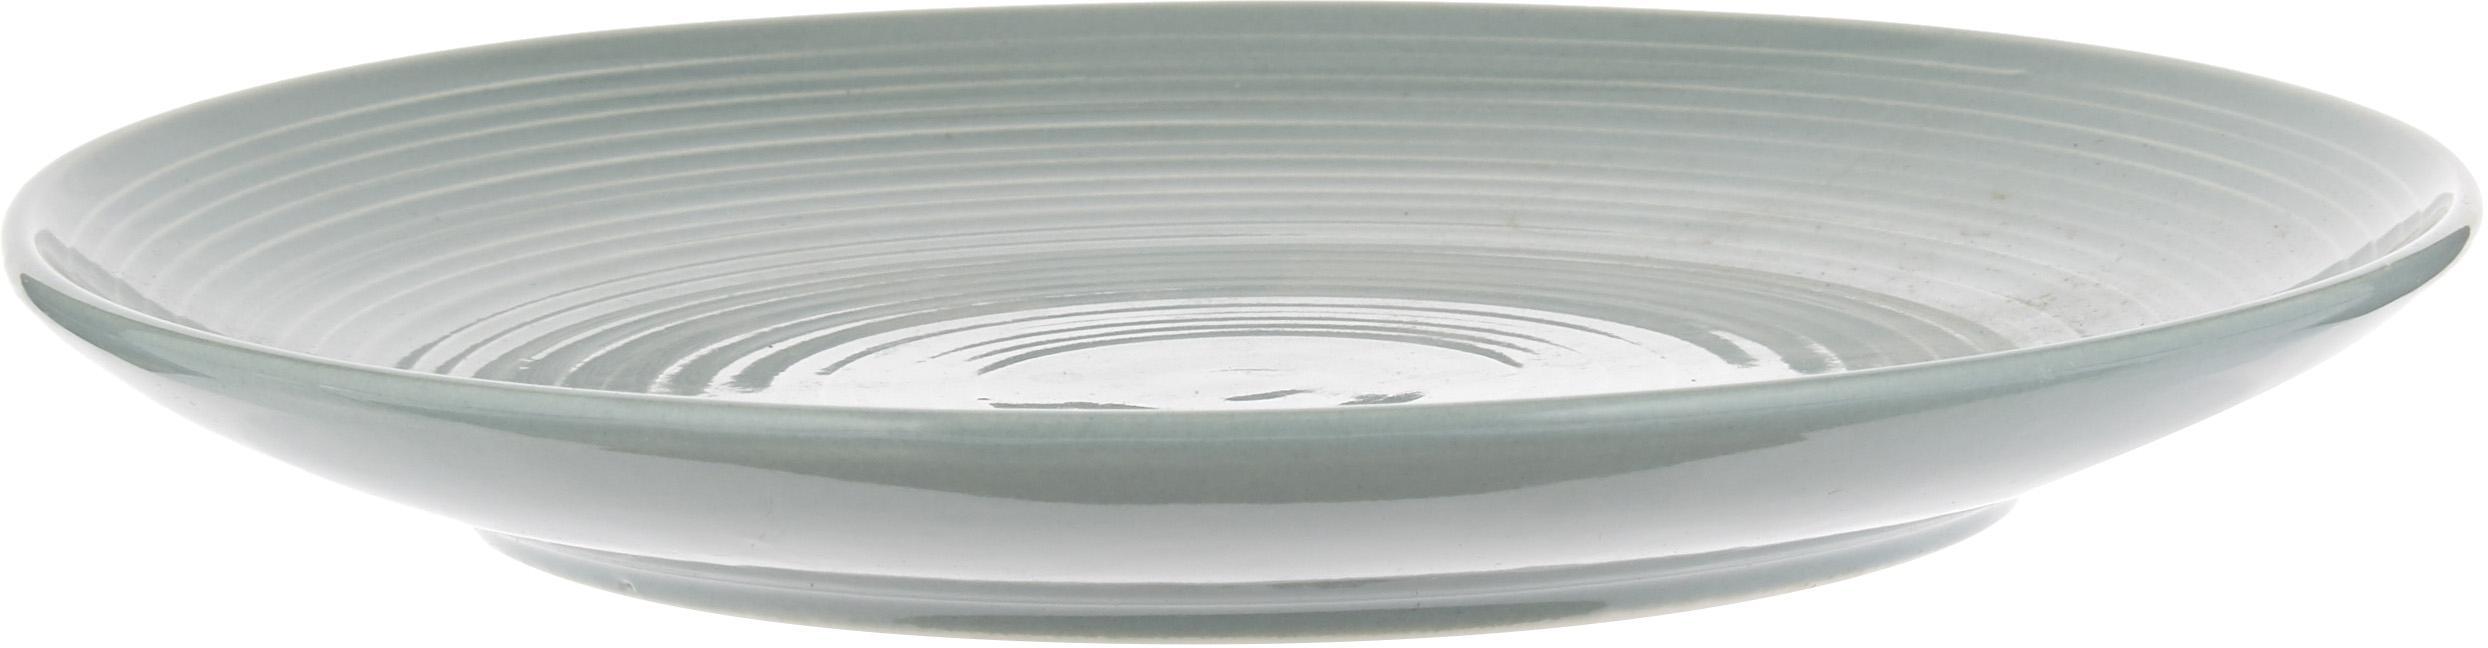 Geschirr-Set Darby mit Strukturoberfläche, 4 Personen (12-tlg.), New Bone China, Grün, Gebrochenes Weiß, Sondergrößen